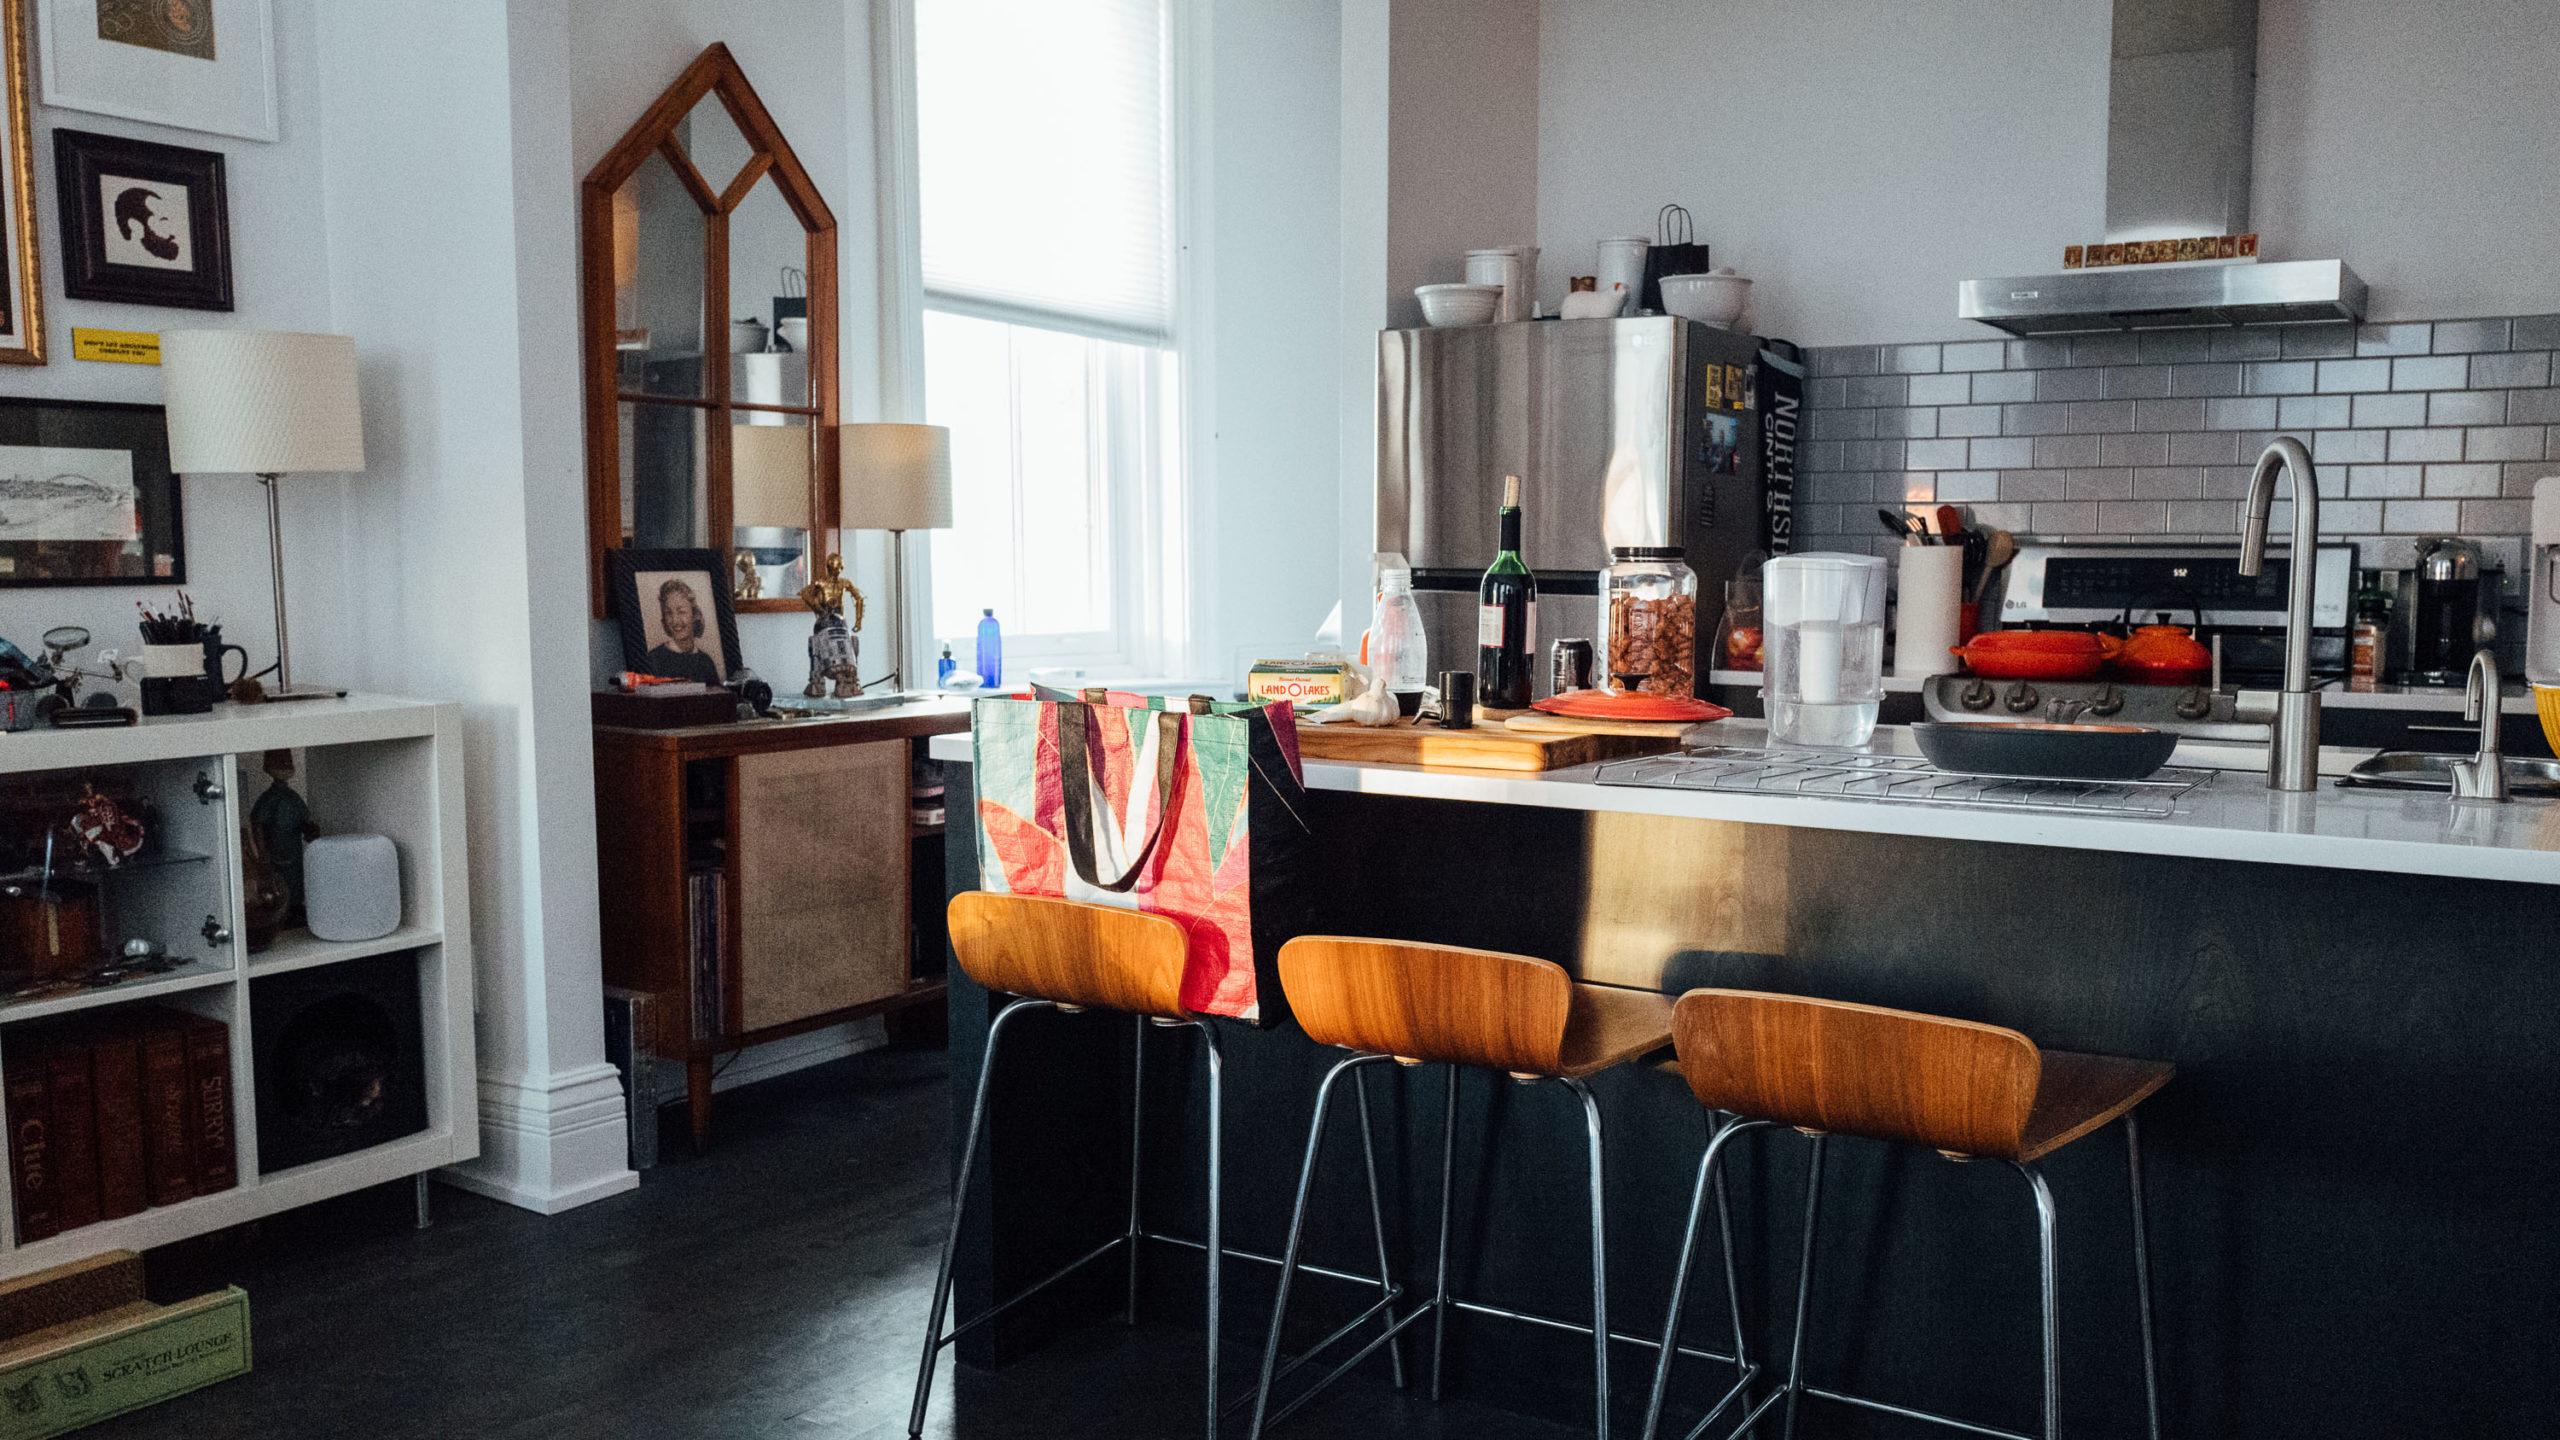 Kitchen in light